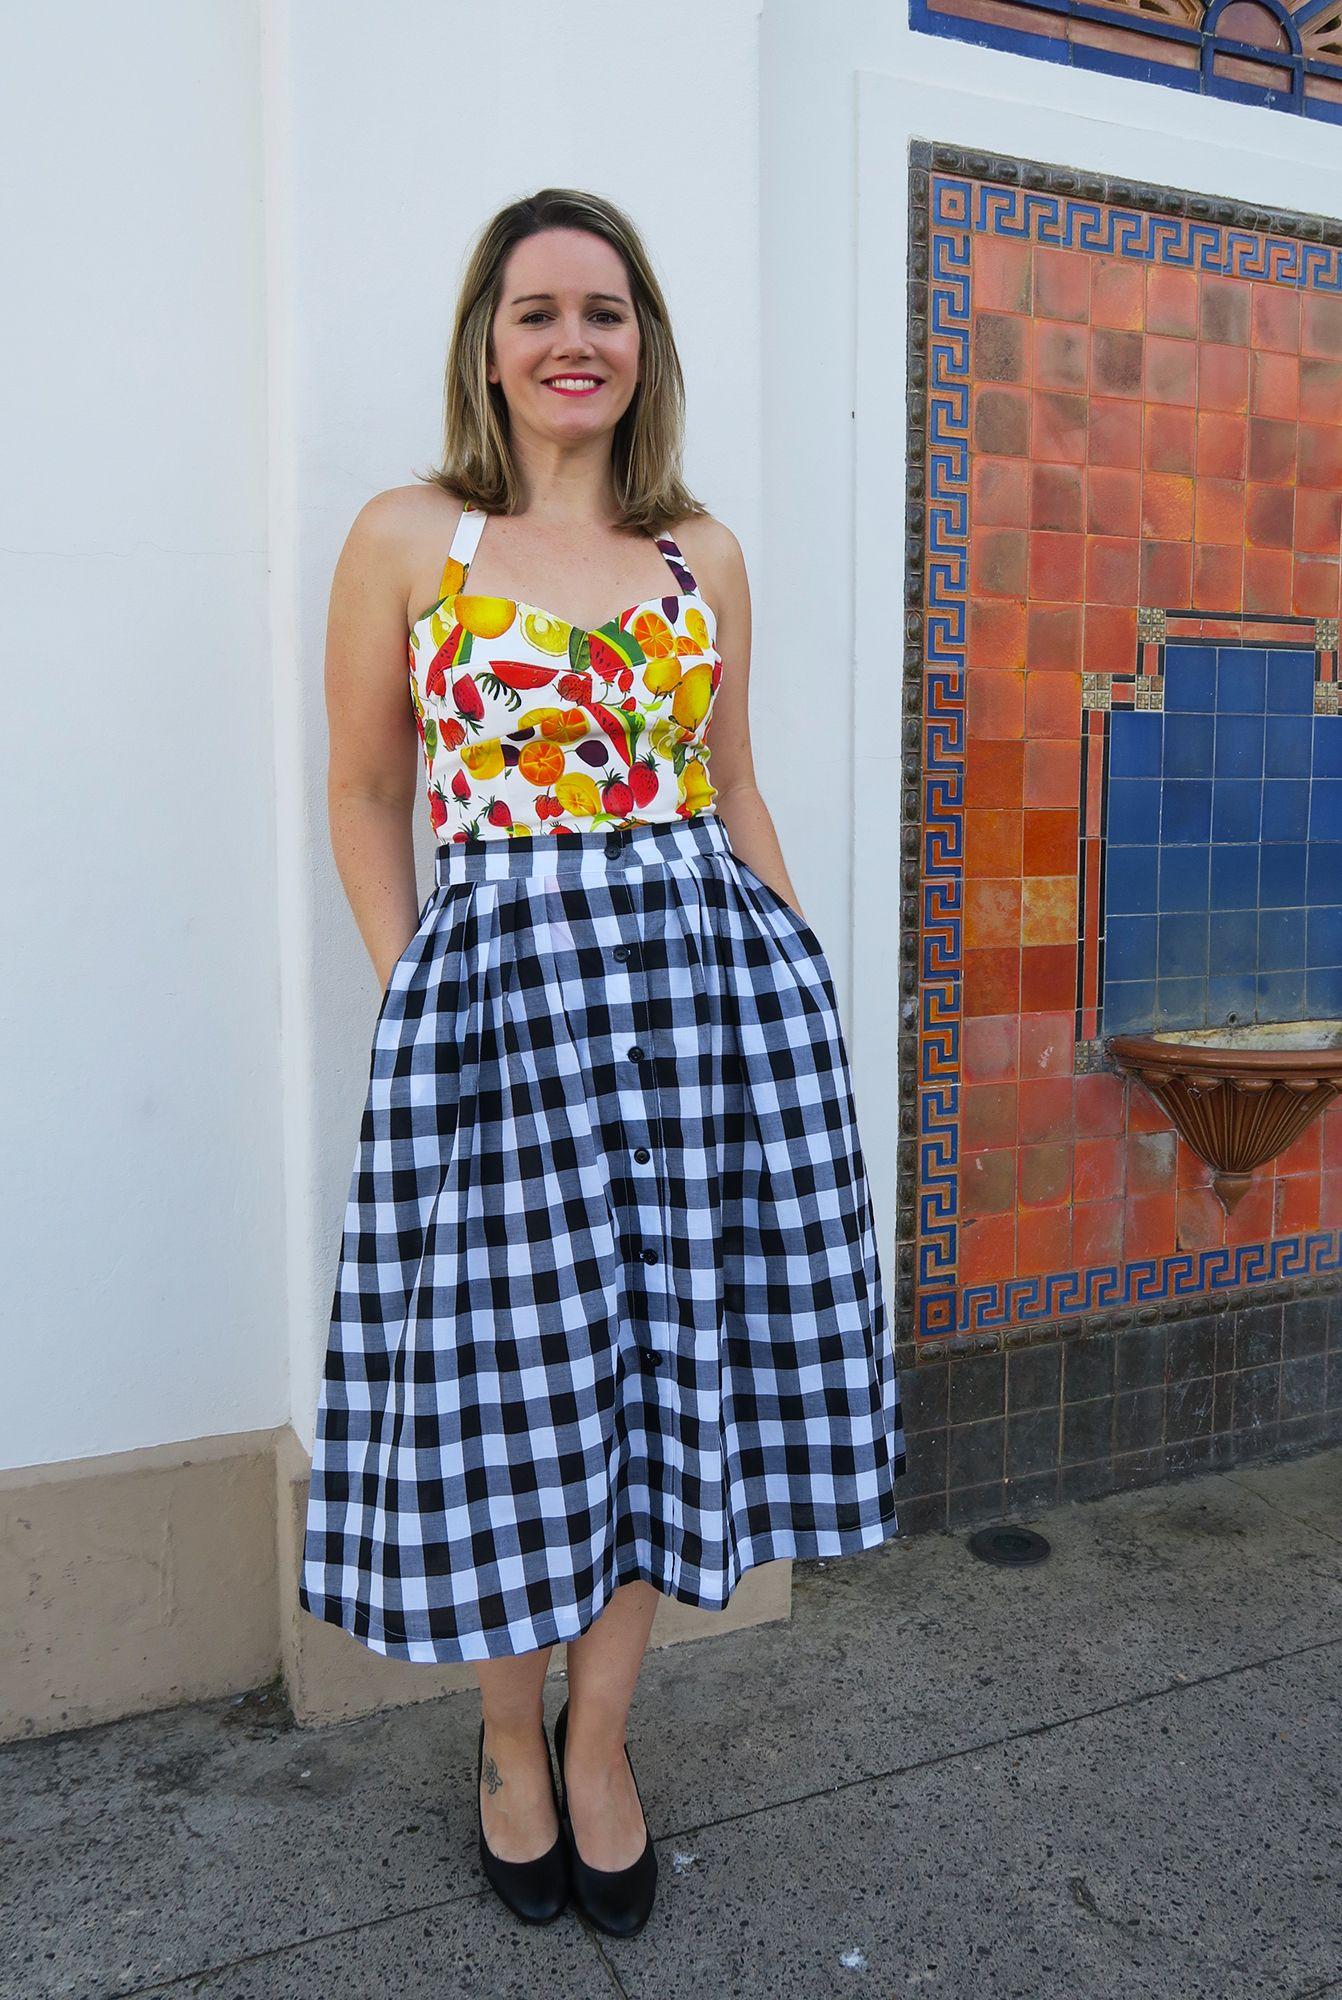 Gertie sews vintage casual book halter top pattern + Kwik Sew 3931 ...